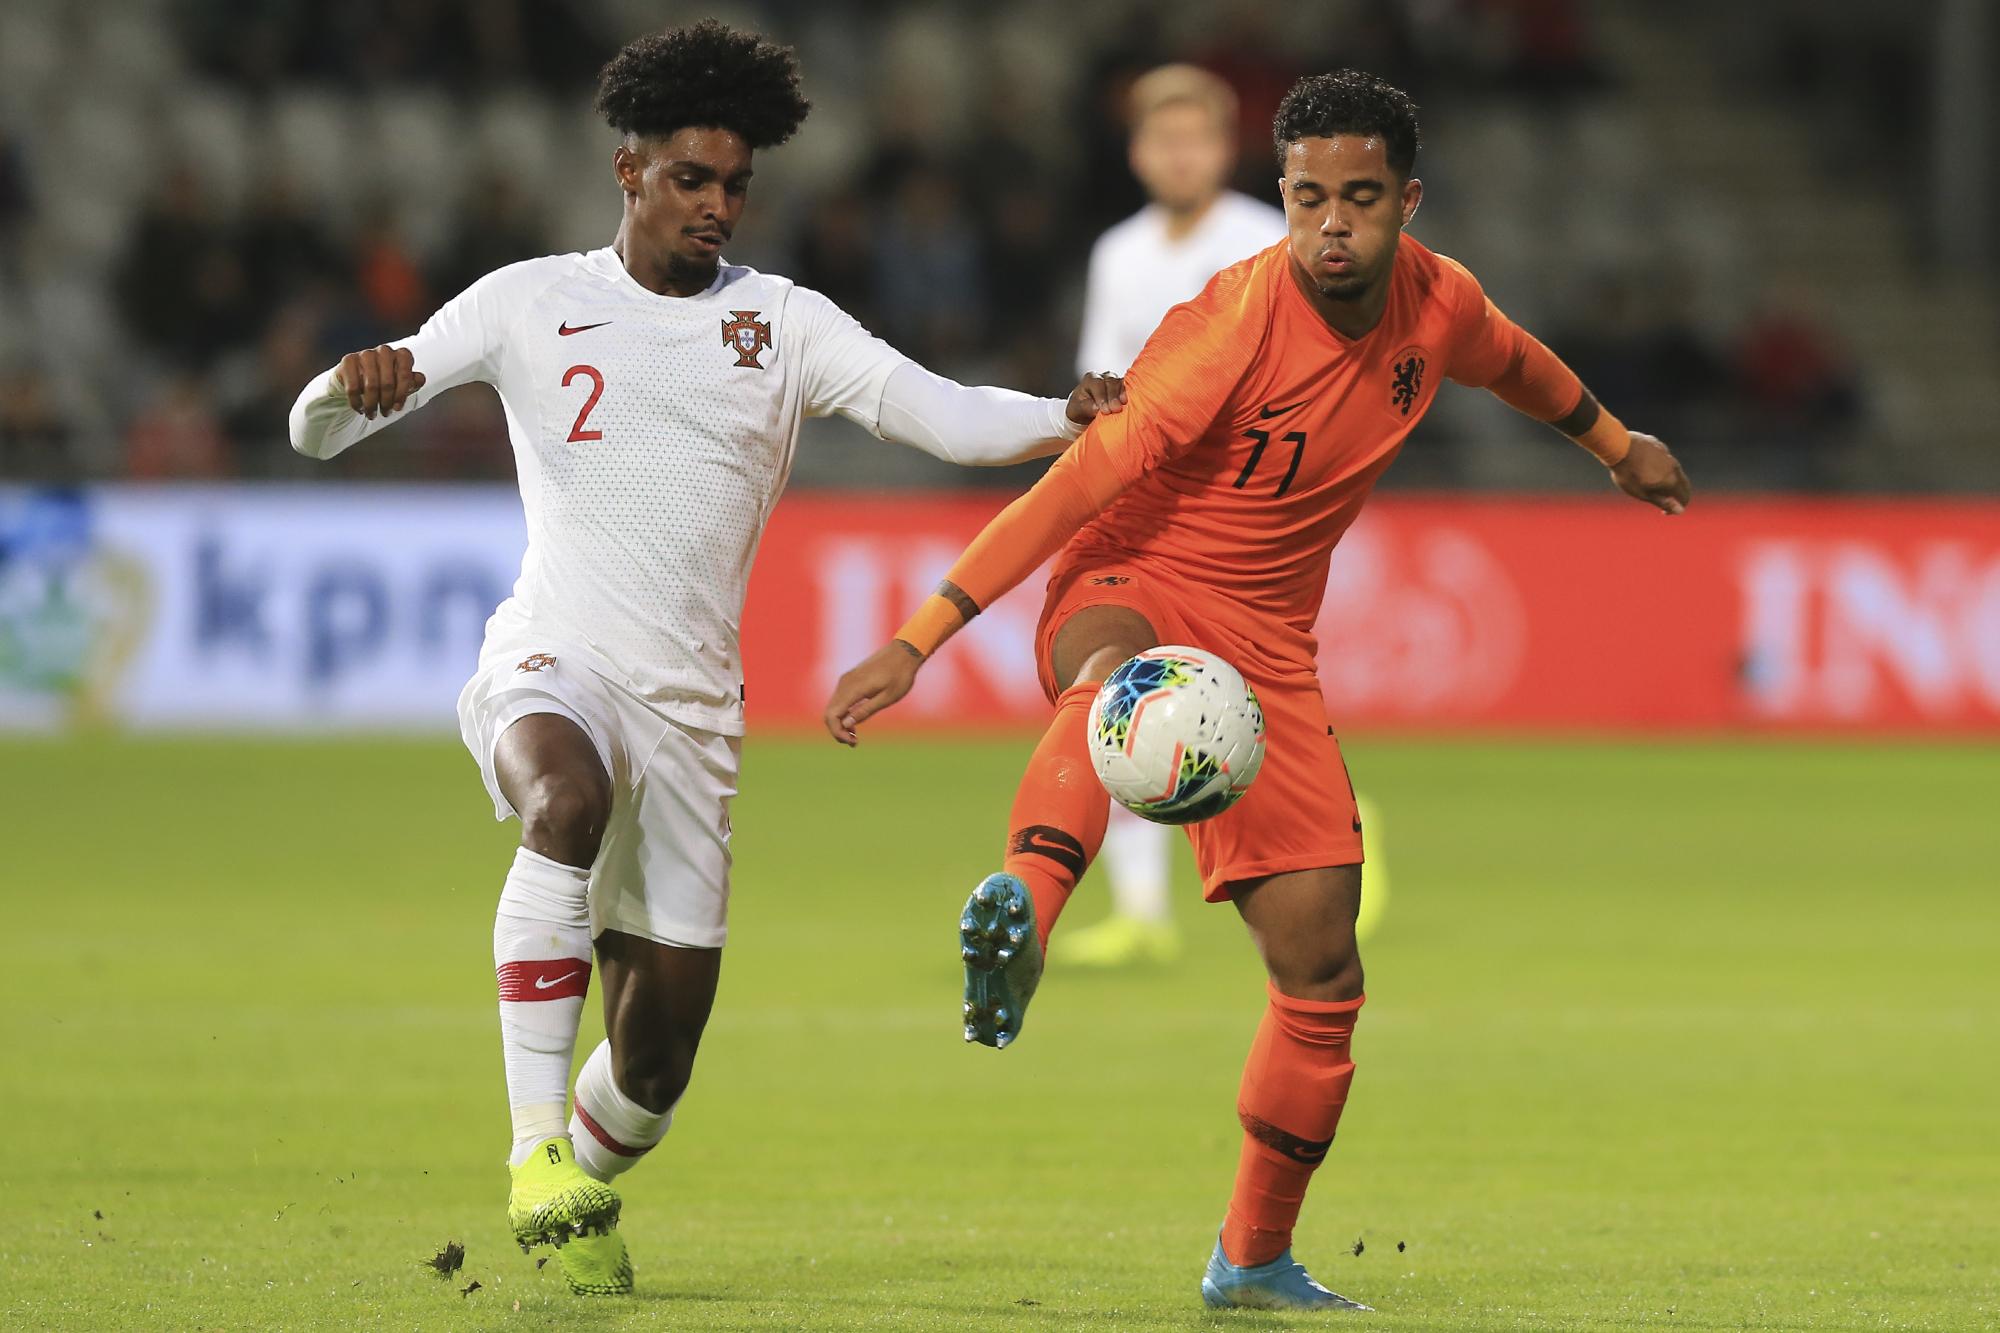 Oranje-vs-Portugal-4.jpg